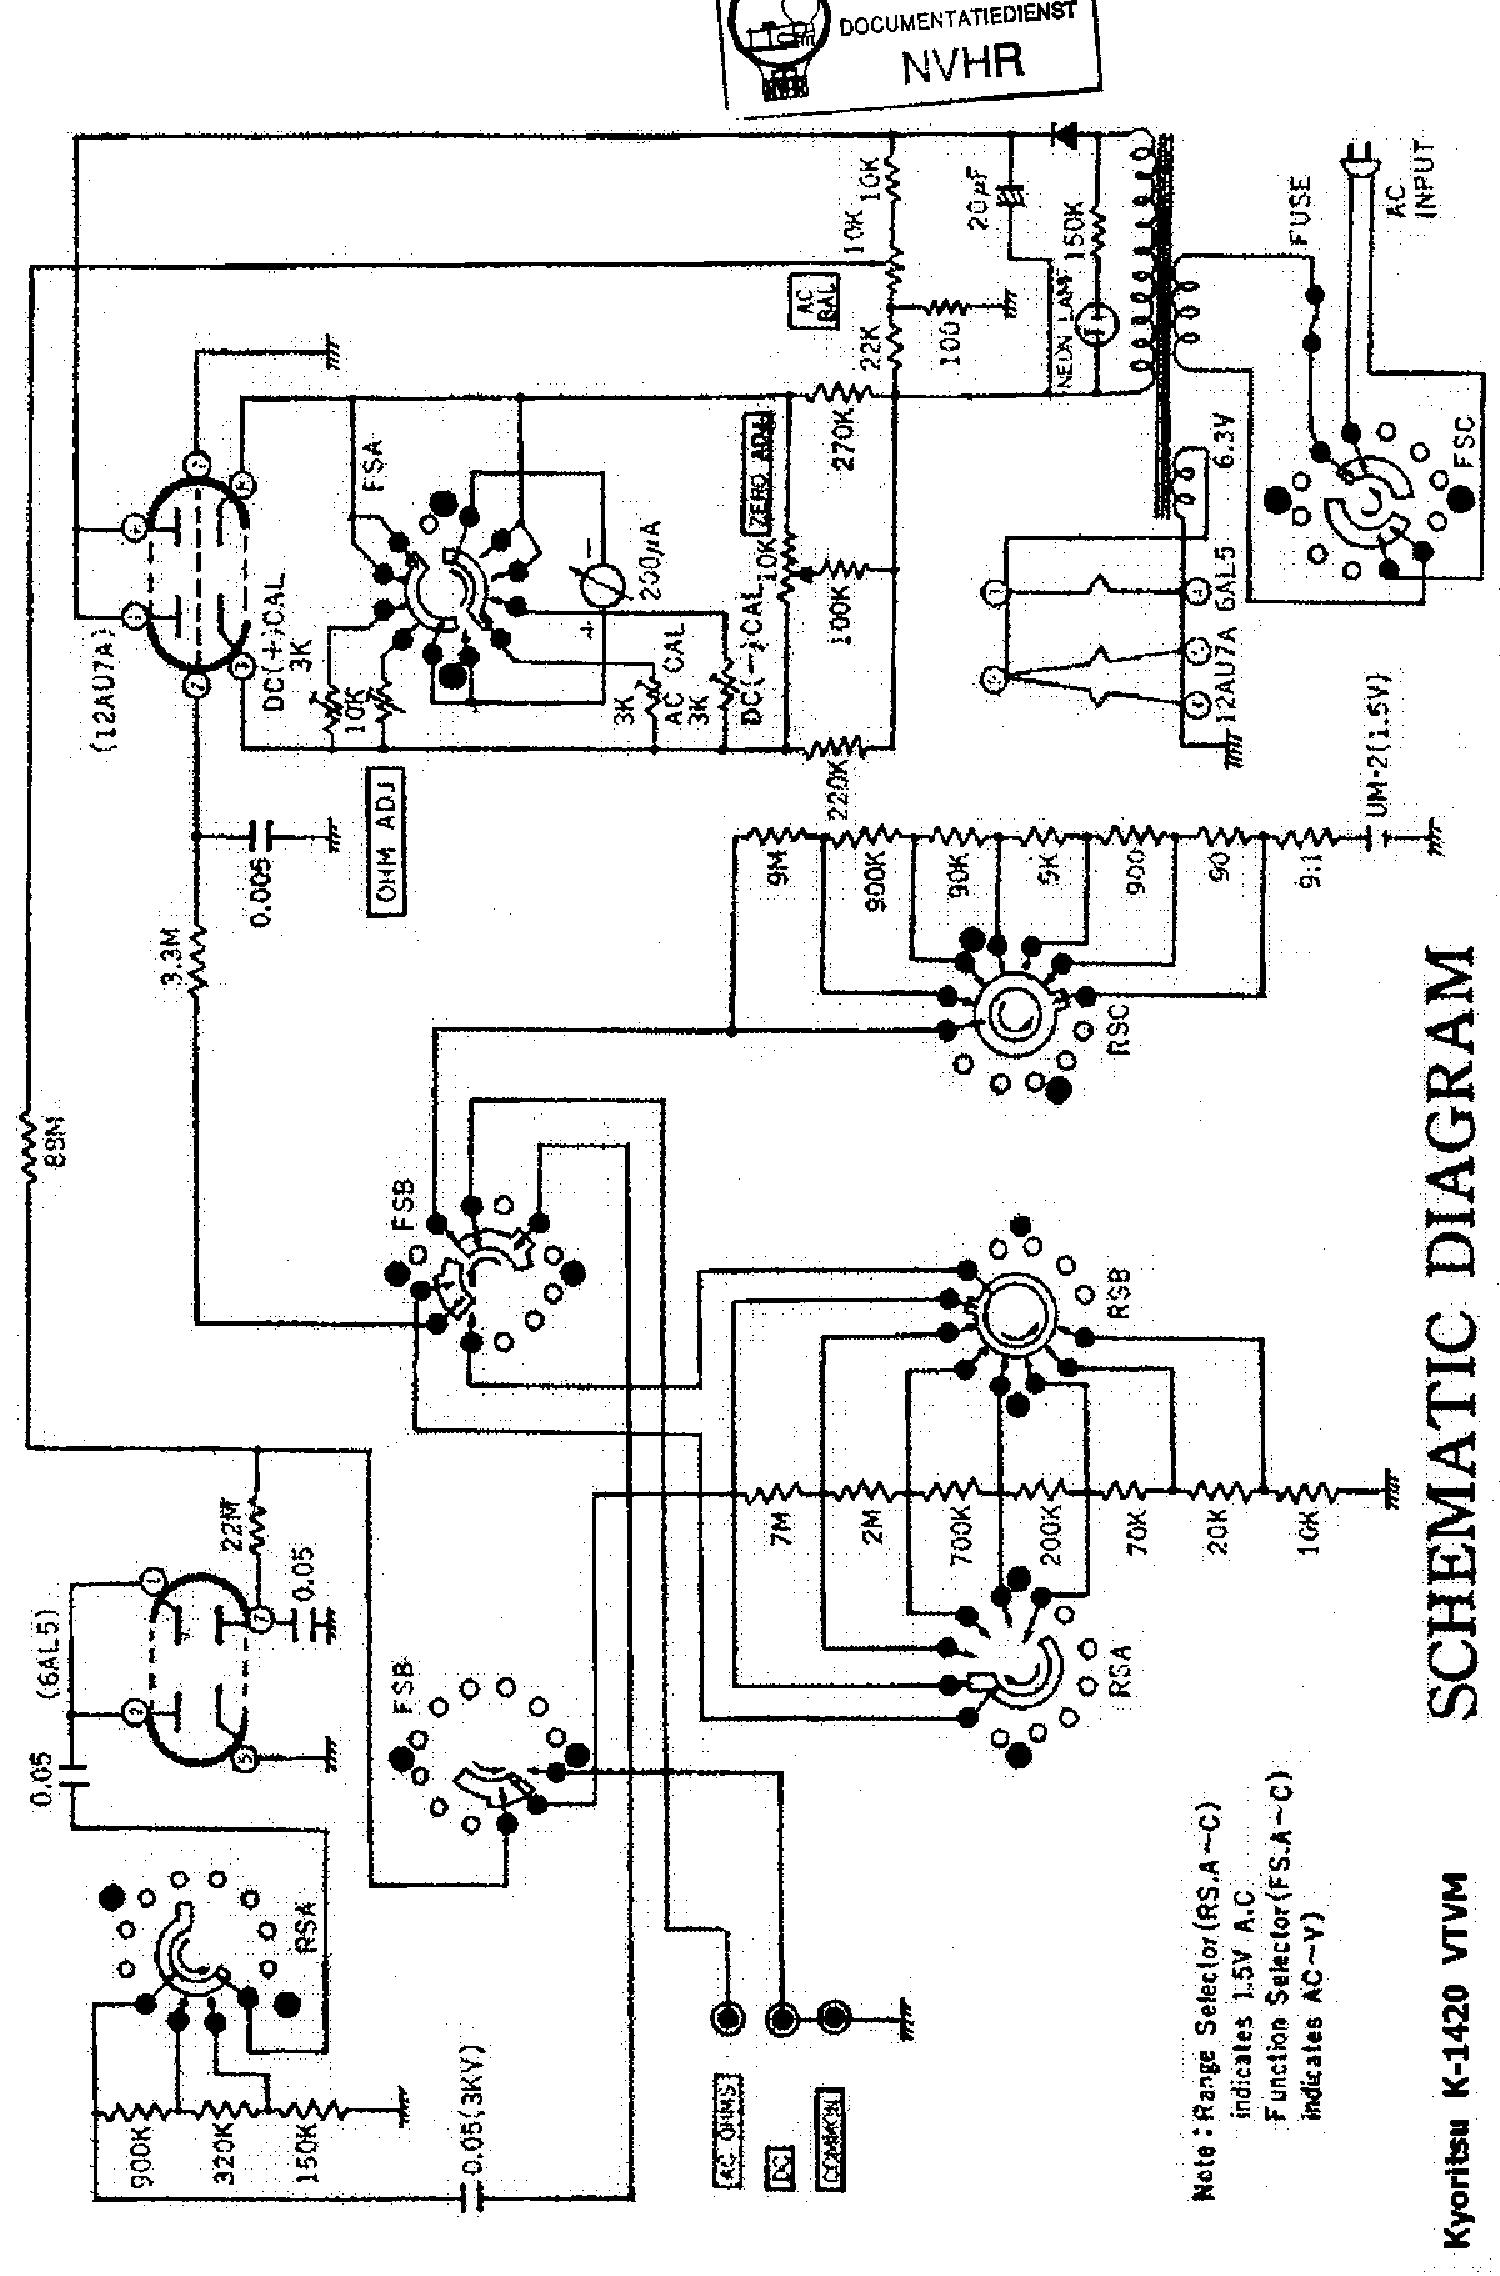 heating meter wiring diagram